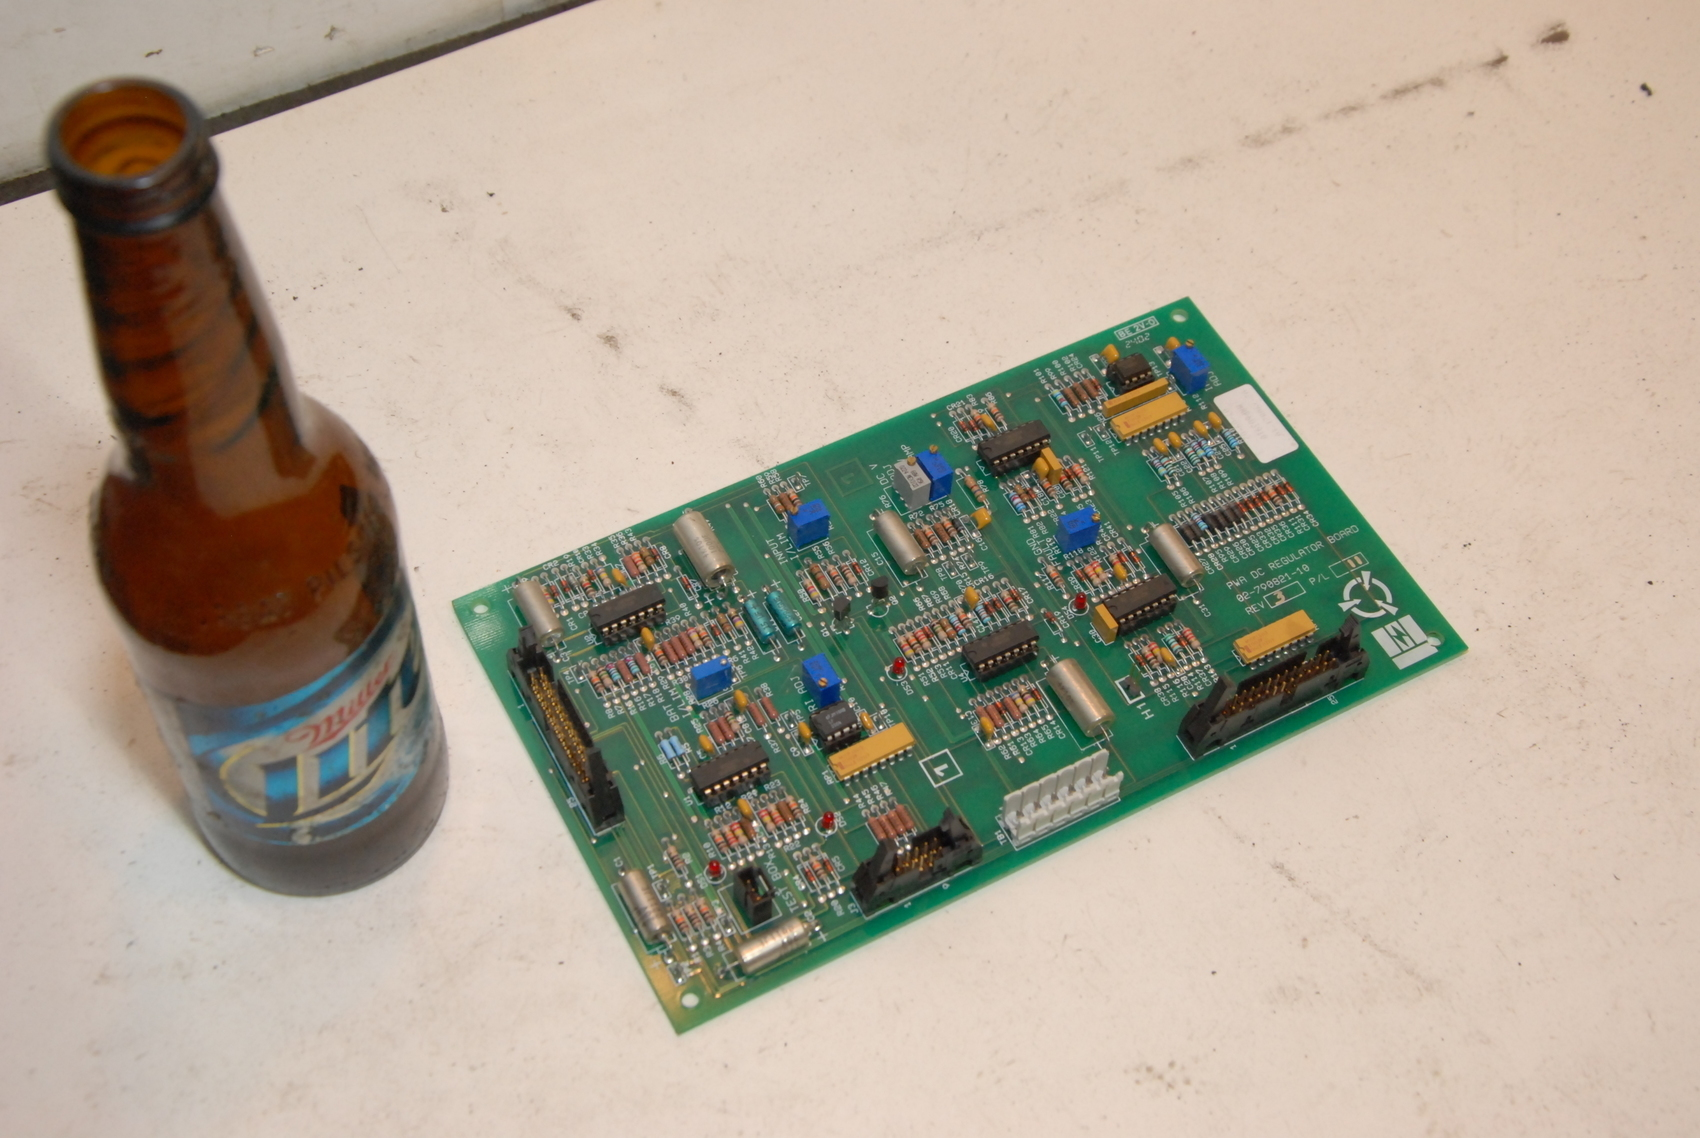 Emerson Liebert 02-790821-10 DC Regulator Circuit Board Rev 3